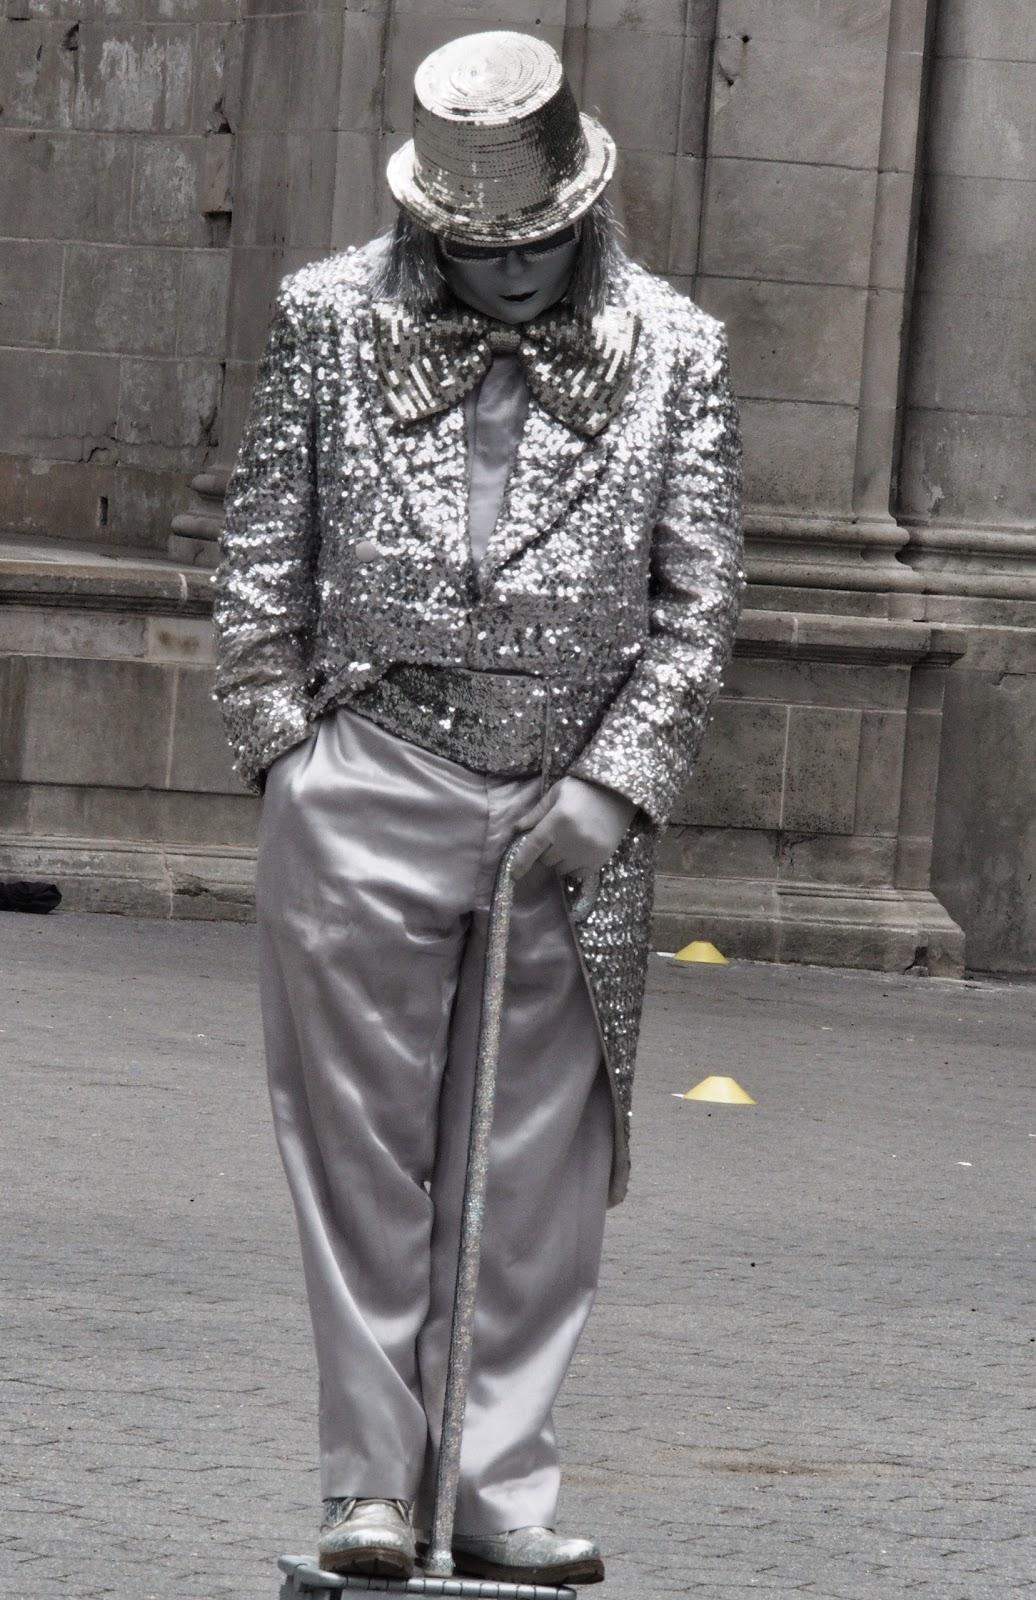 Standing Still #standingstill #nyc #streetperformers #street 2013